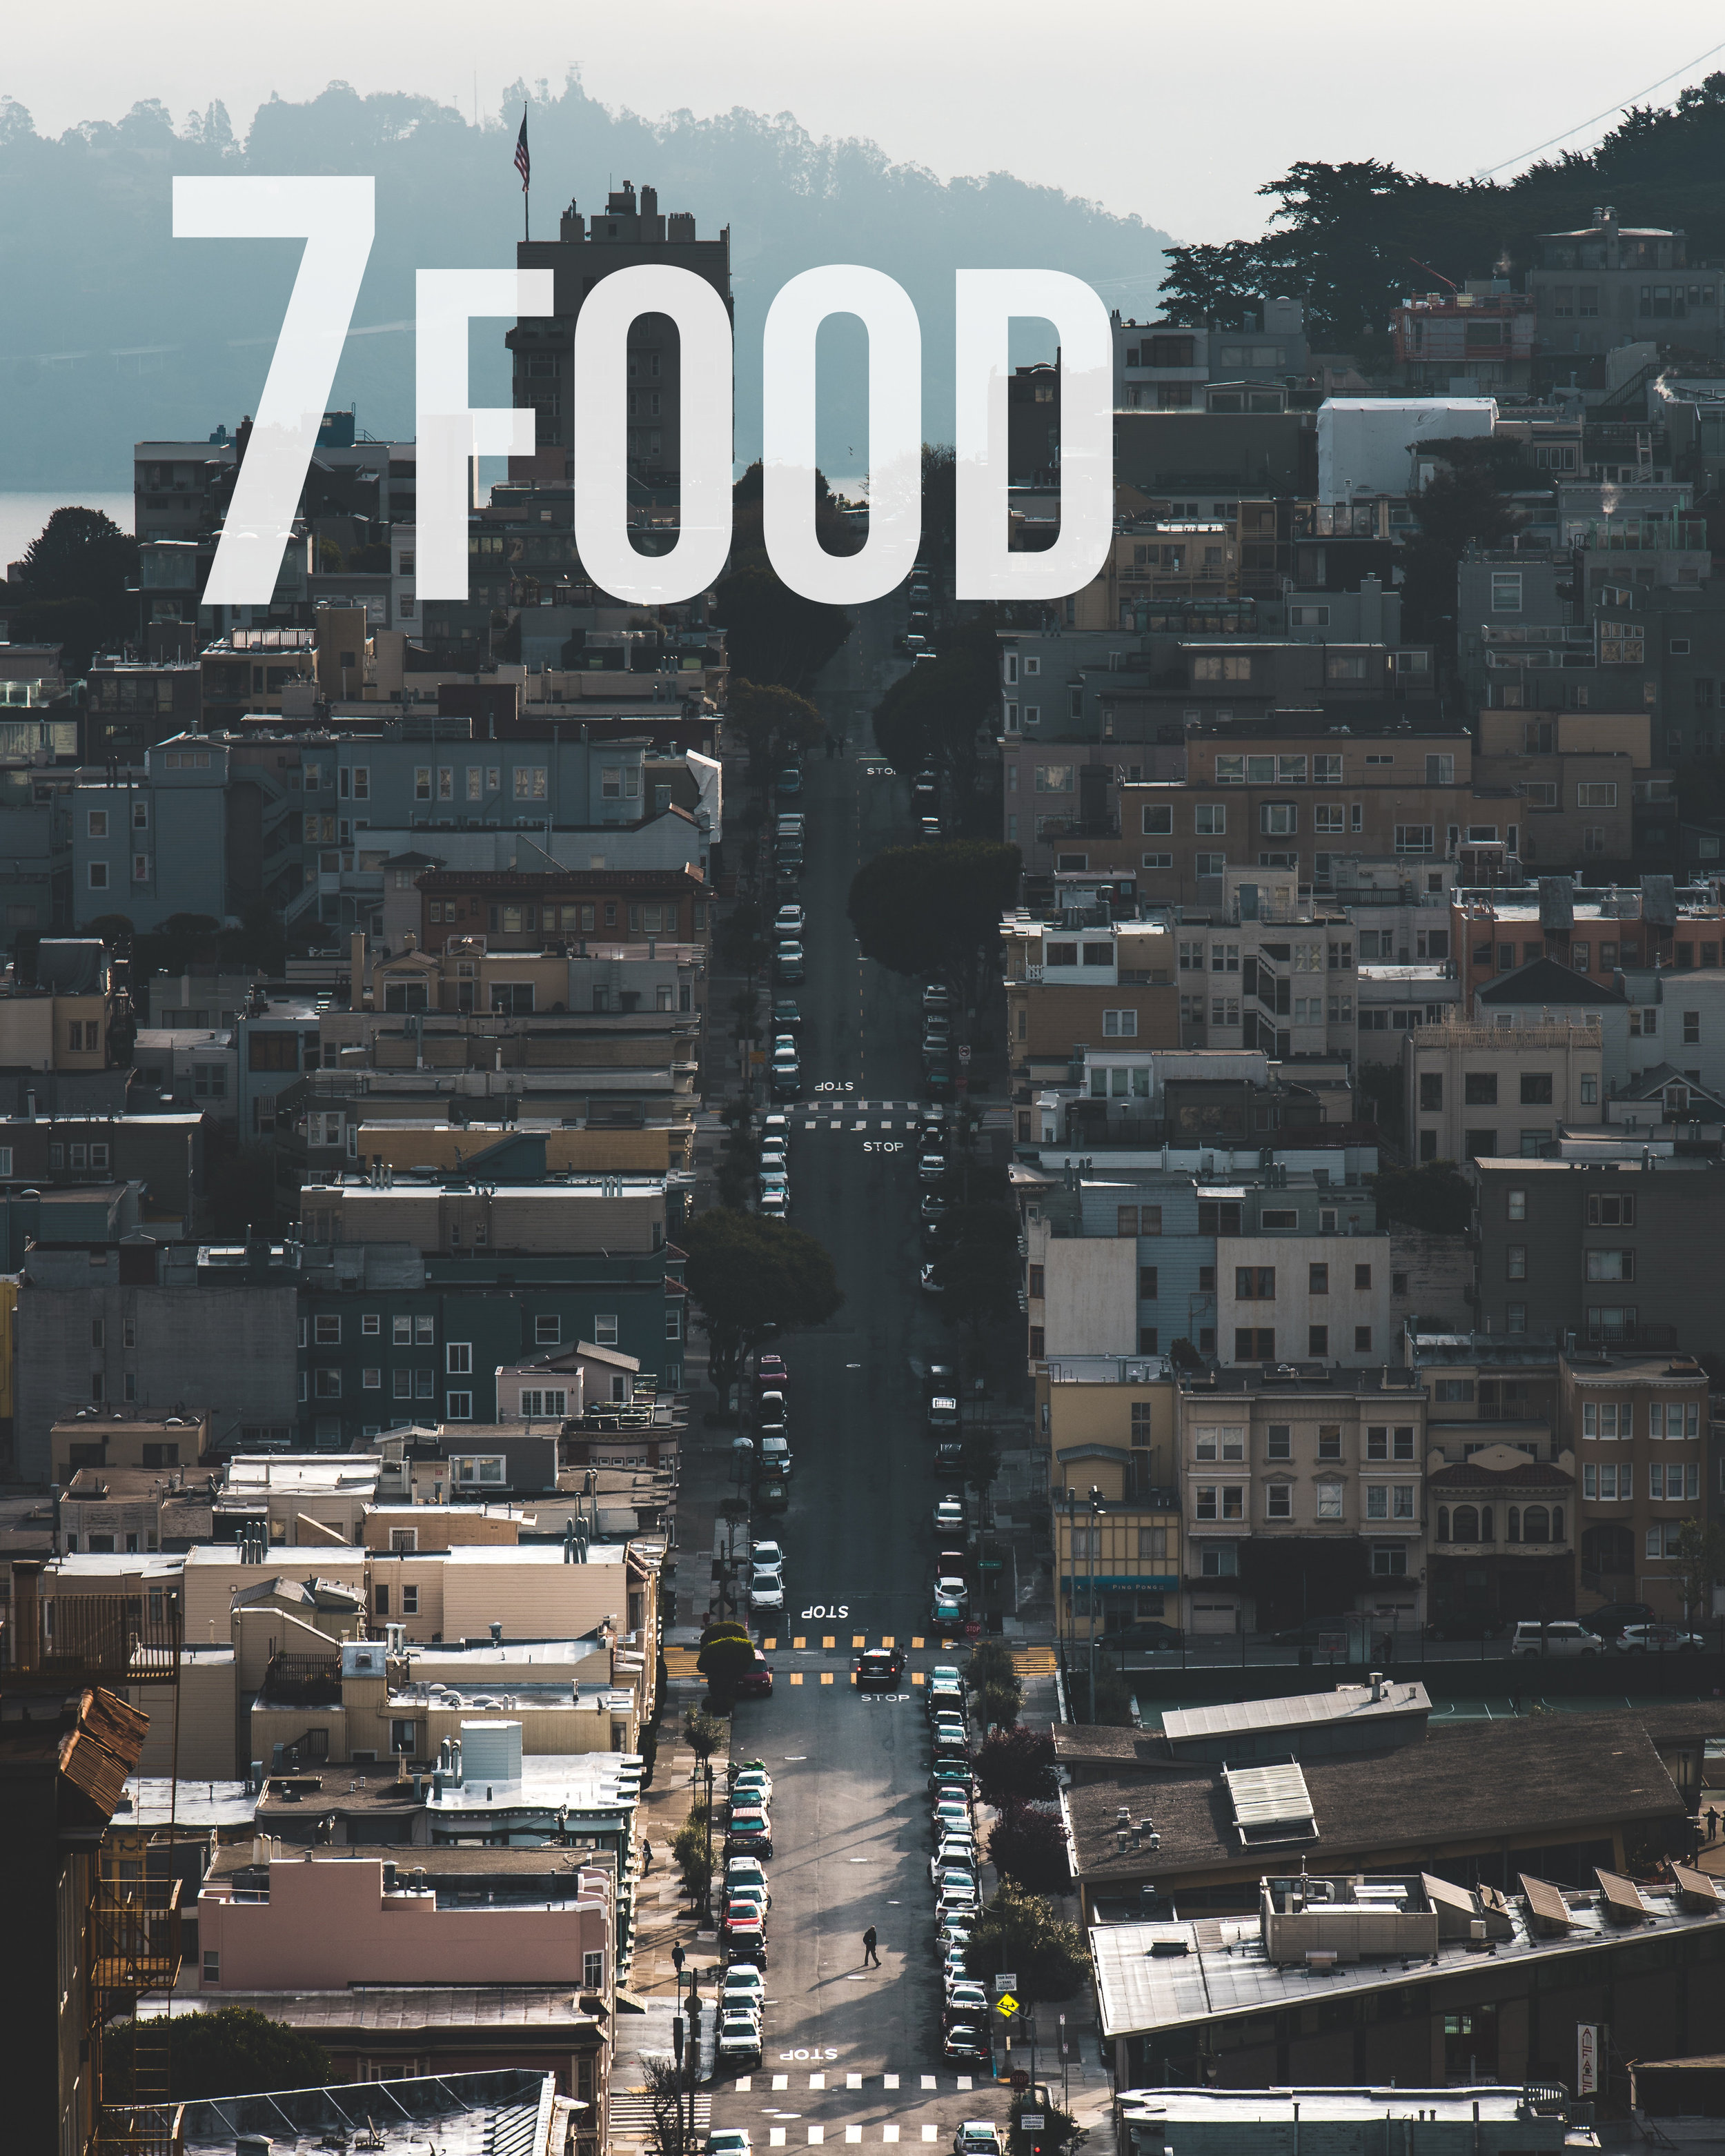 7 food.jpg